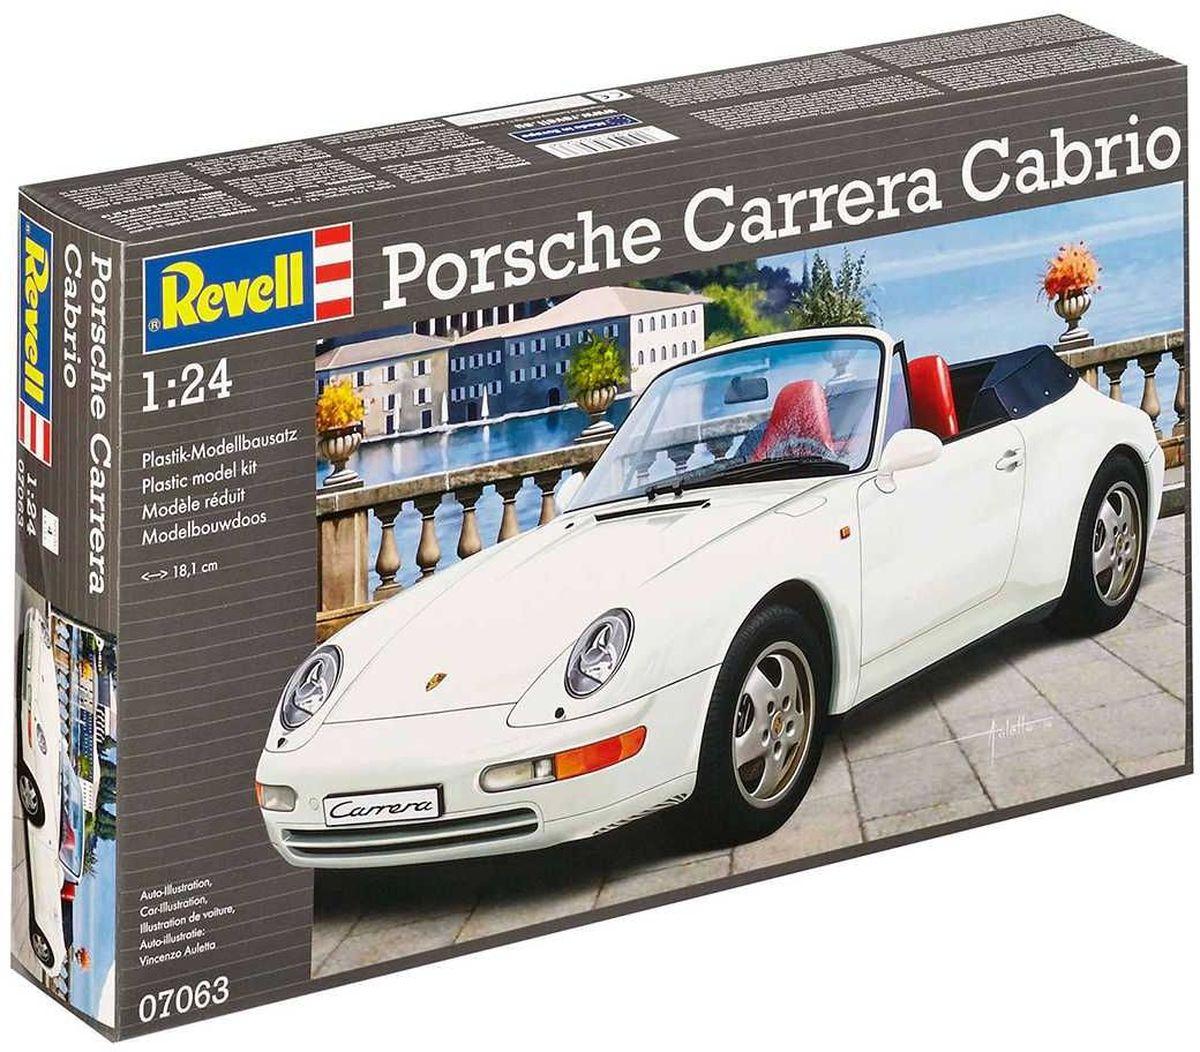 Revell Сборная модель Автомобиль Porsche Carrera Cabrio07063RС помощью сборной модели Revell Автомобиль Porsche Carrera Cabrio вы и ваш ребенок сможете собрать уменьшенную копию одноименного автомобиля. Набор включает в себя 93 пластиковых элемента для сборки. Porsche Carrera Cabrio отличаеются разнообразными достоинствами. Она позволяет и неторопливо ездить по прибрежным курортным дорогам, и в спортивном стиле проходить повороты на горных серпантинах. Она производит впечатление своей впечатляющей тягой и высокой маневренностью. Процесс сборки развивает интеллектуальные и инструментальные способности, воображение и конструктивное мышление, а также прививает практические навыки работы со схемами и чертежами. Уровень сложности: 4. УВАЖАЕМЫЕ КЛИЕНТЫ! Обращаем ваше внимание на тот факт, что элементы для сборки не покрашены. Клей и краски в комплект не входят.